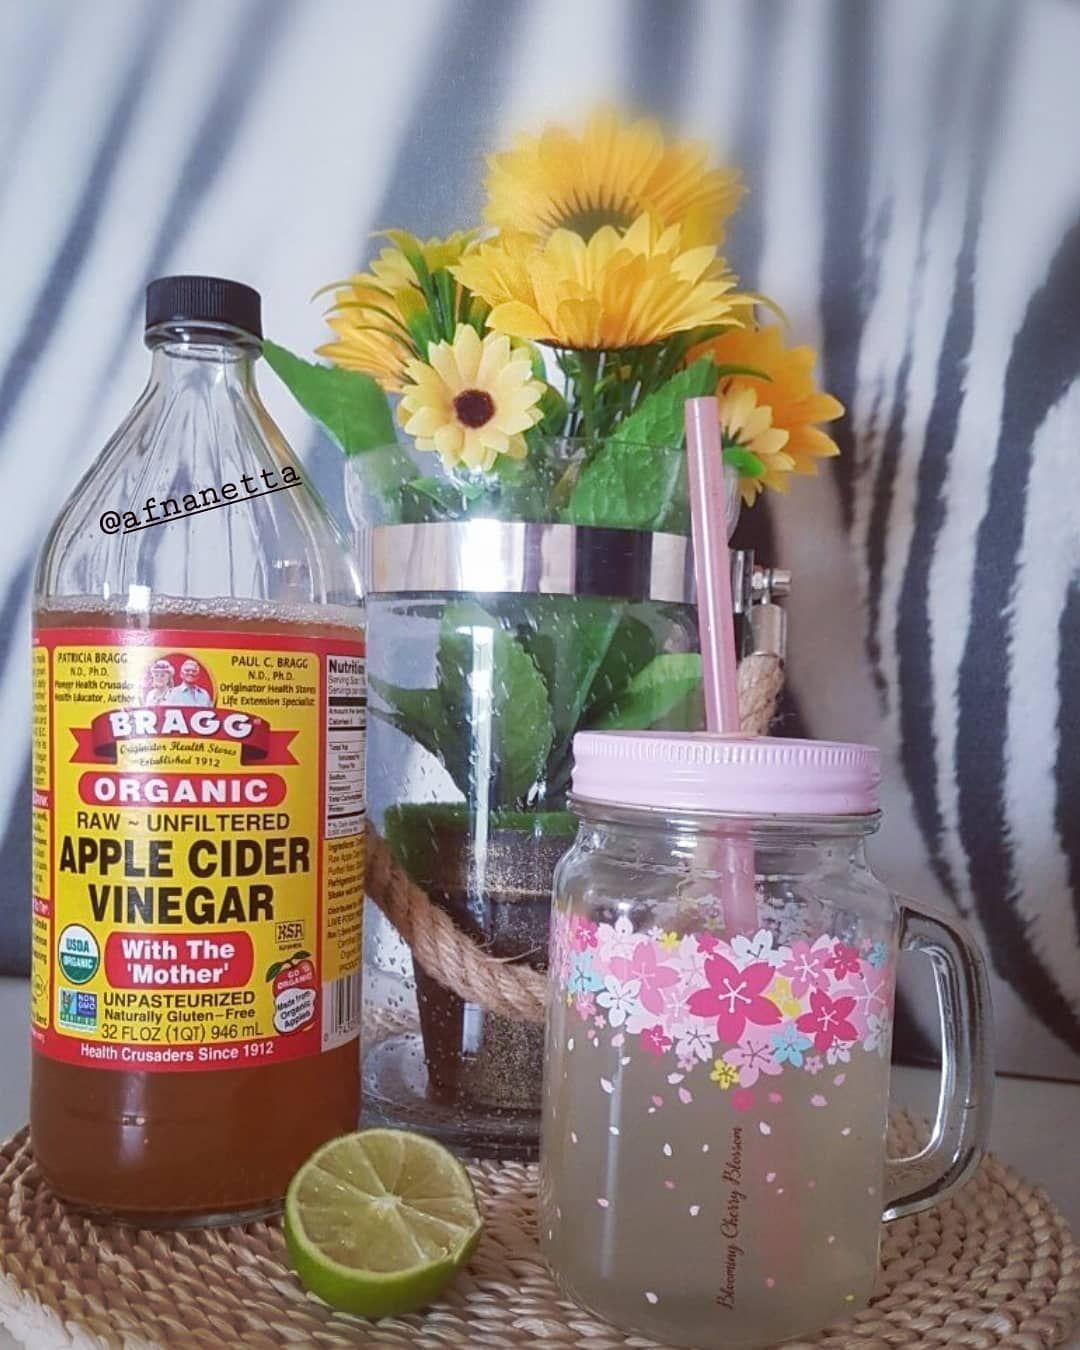 افنانيتا Shared A Post On Instagram فوائد خل التفاح العضوى مفيد جدا لمن يعانون من ارتجاع المرئ او حموضة المعده Cooking Recipes Apple Cider Cider